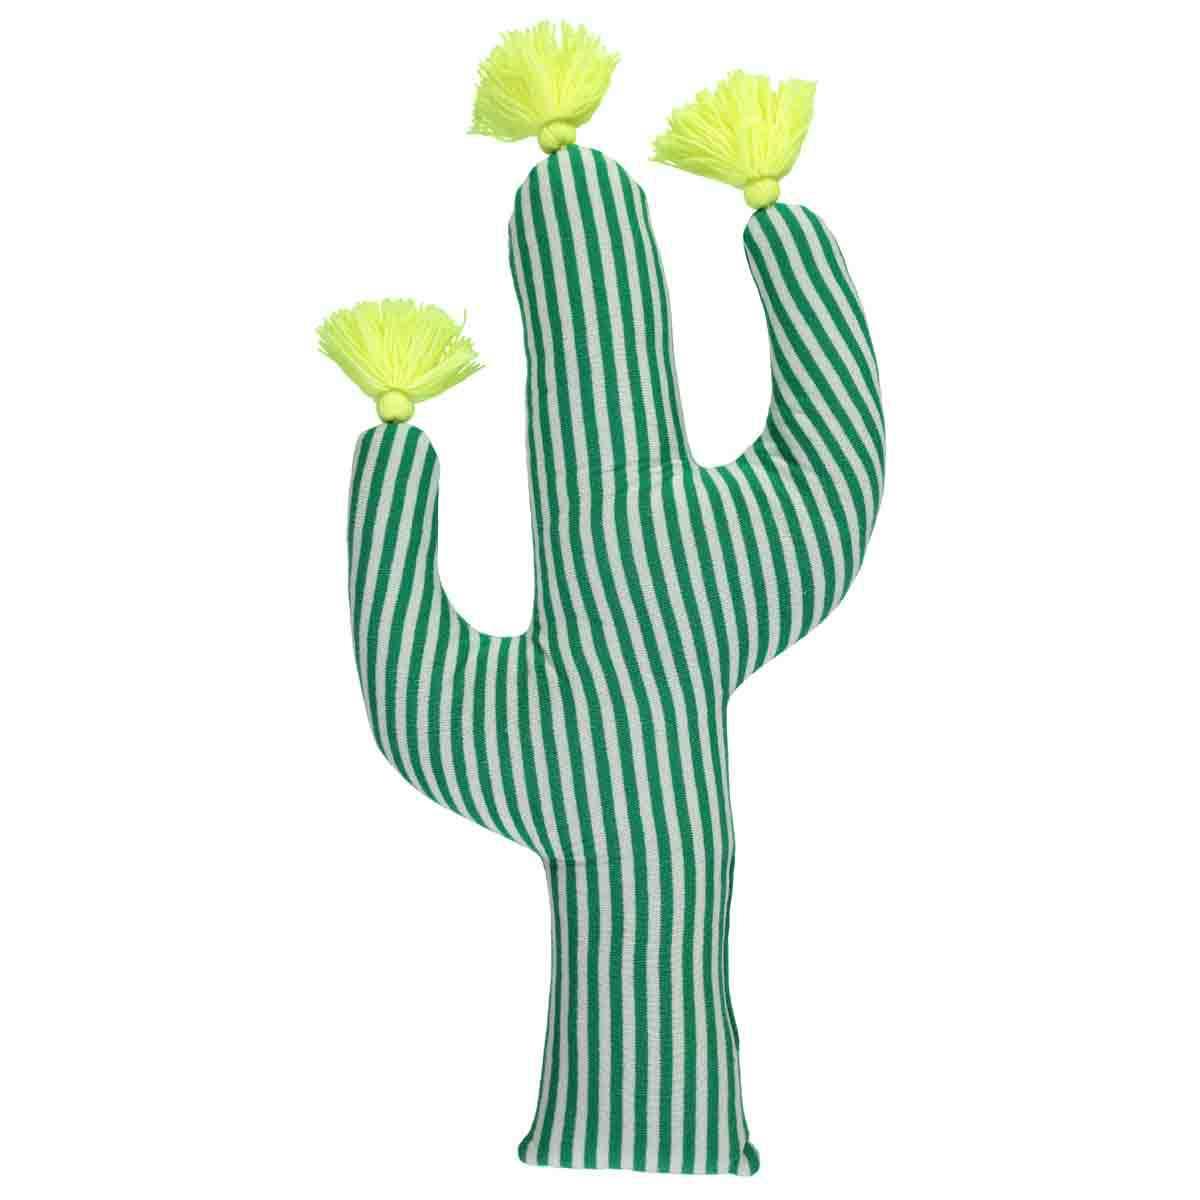 Coussin Coussin en Tricot Cactus Coussin en Tricot Cactus